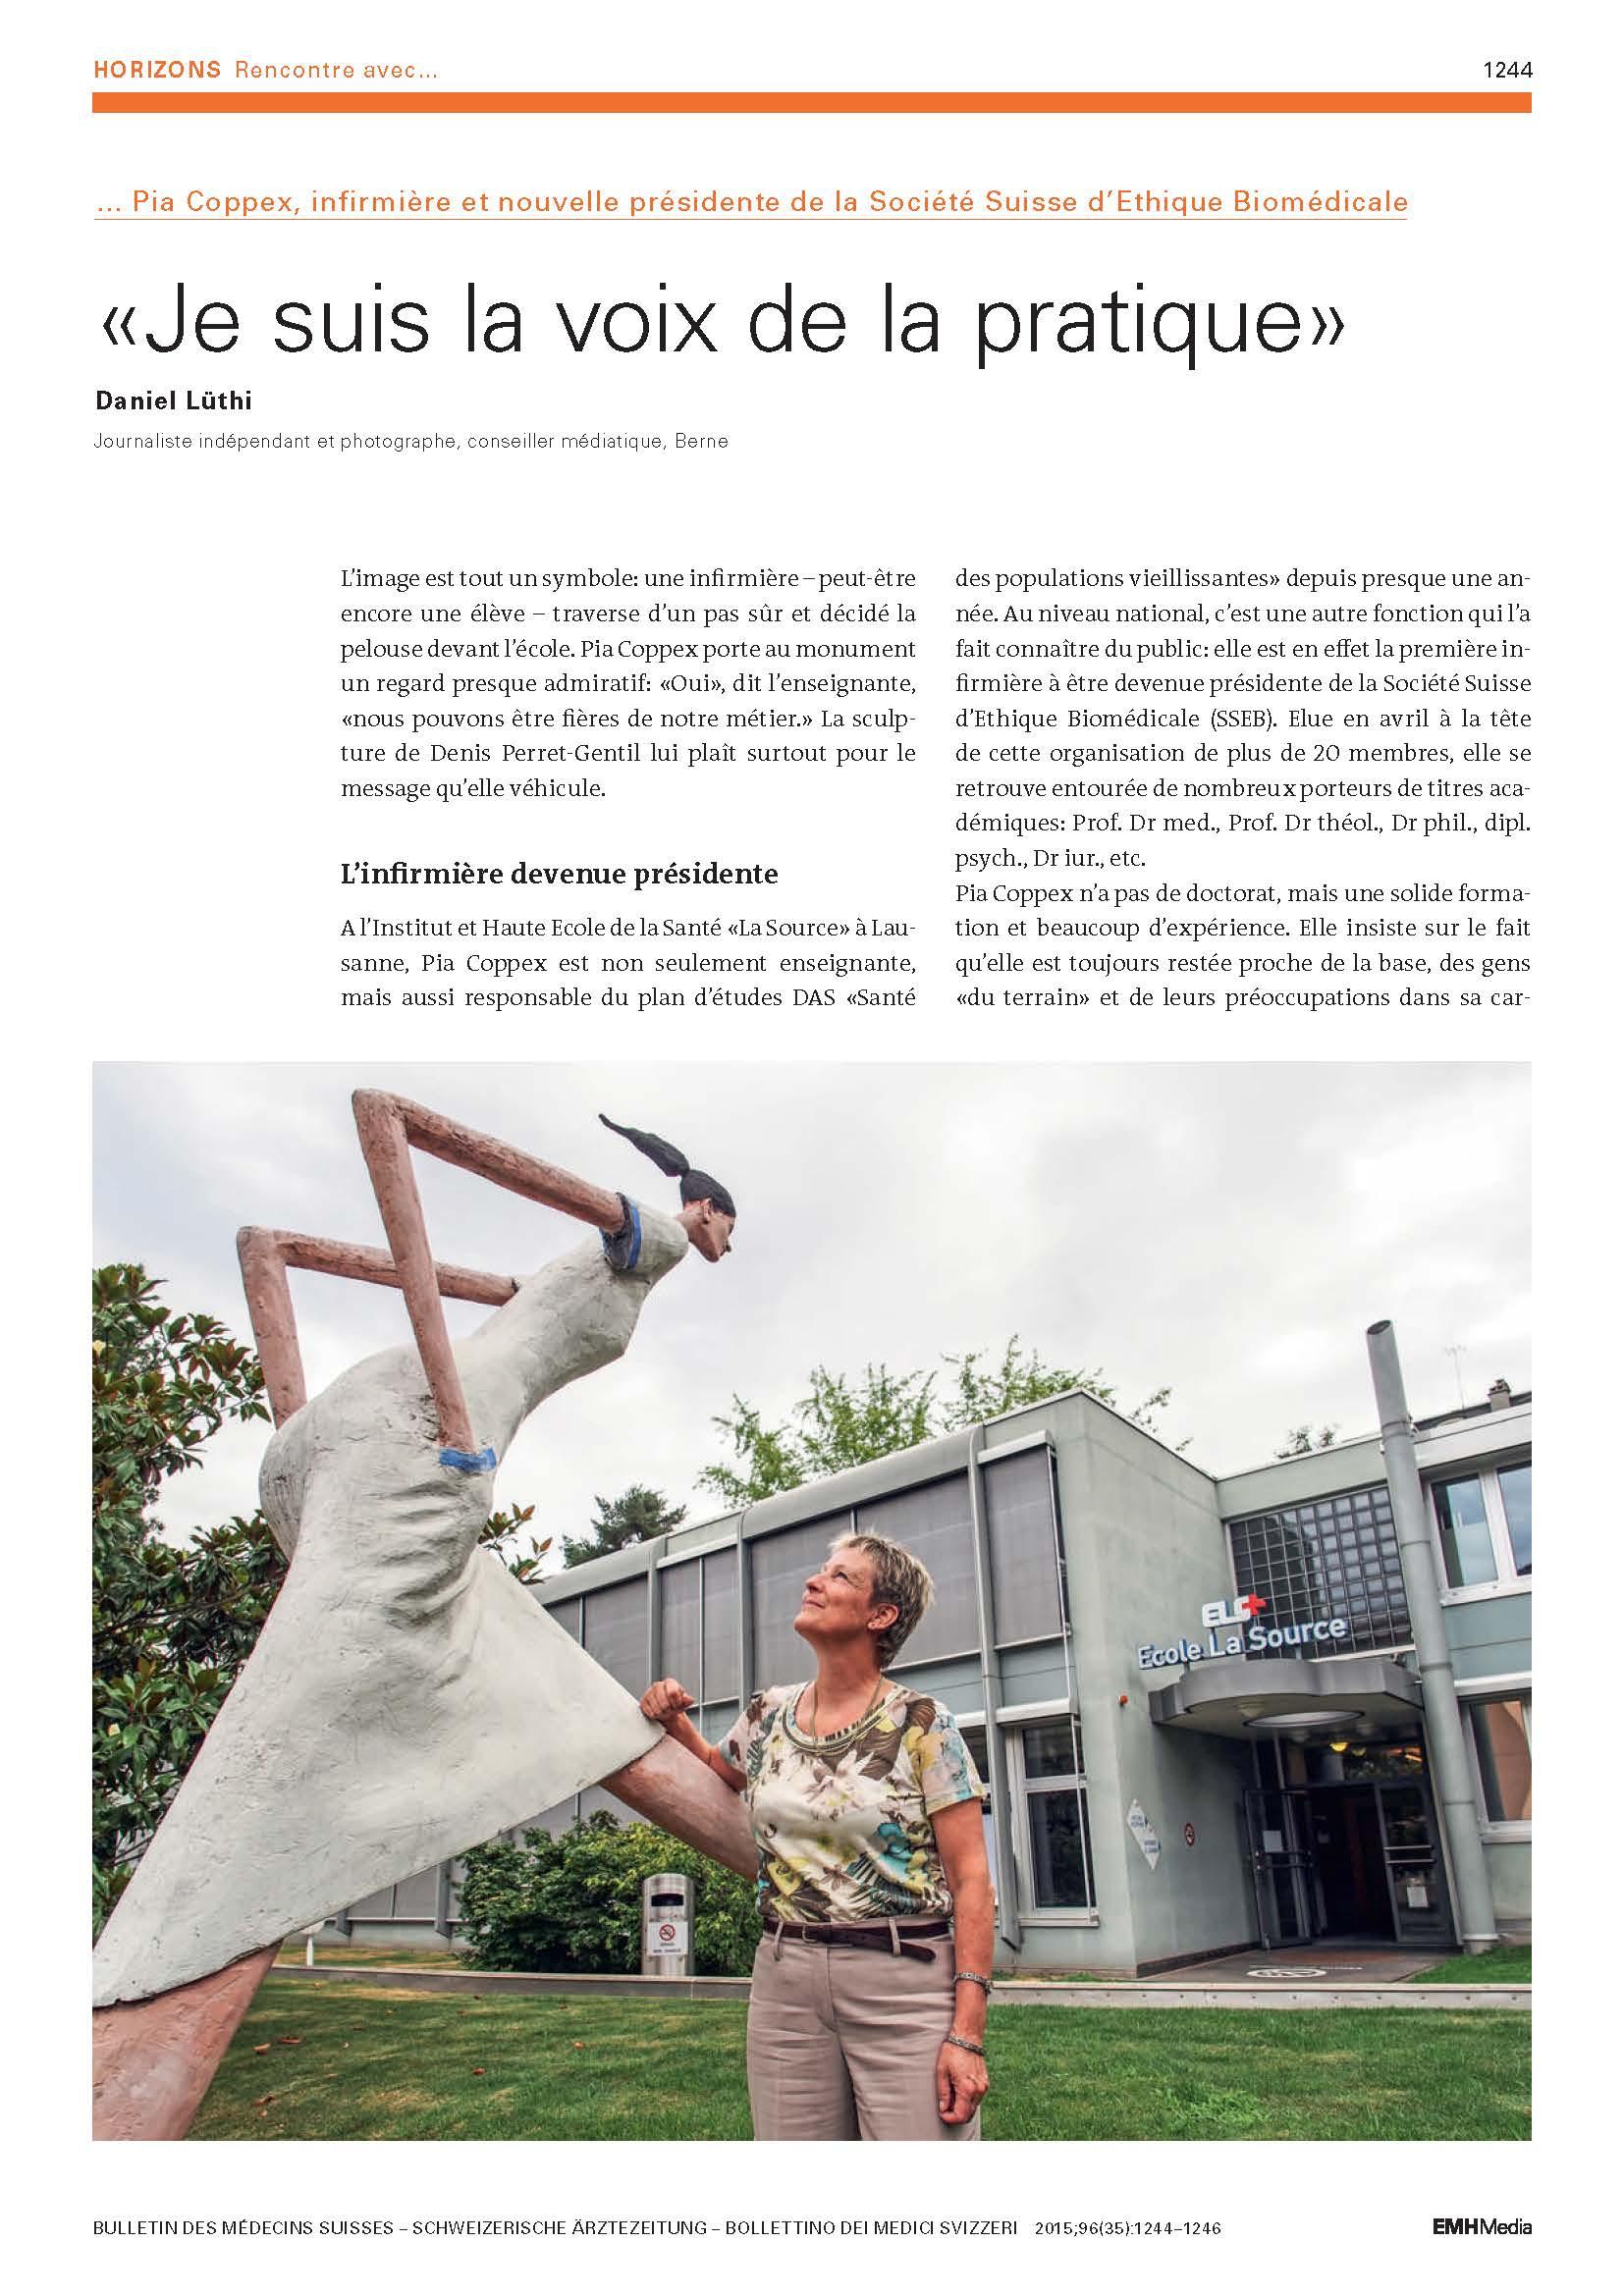 Extrait Bulletin des Medecins Suisses aout 2015 Page 1